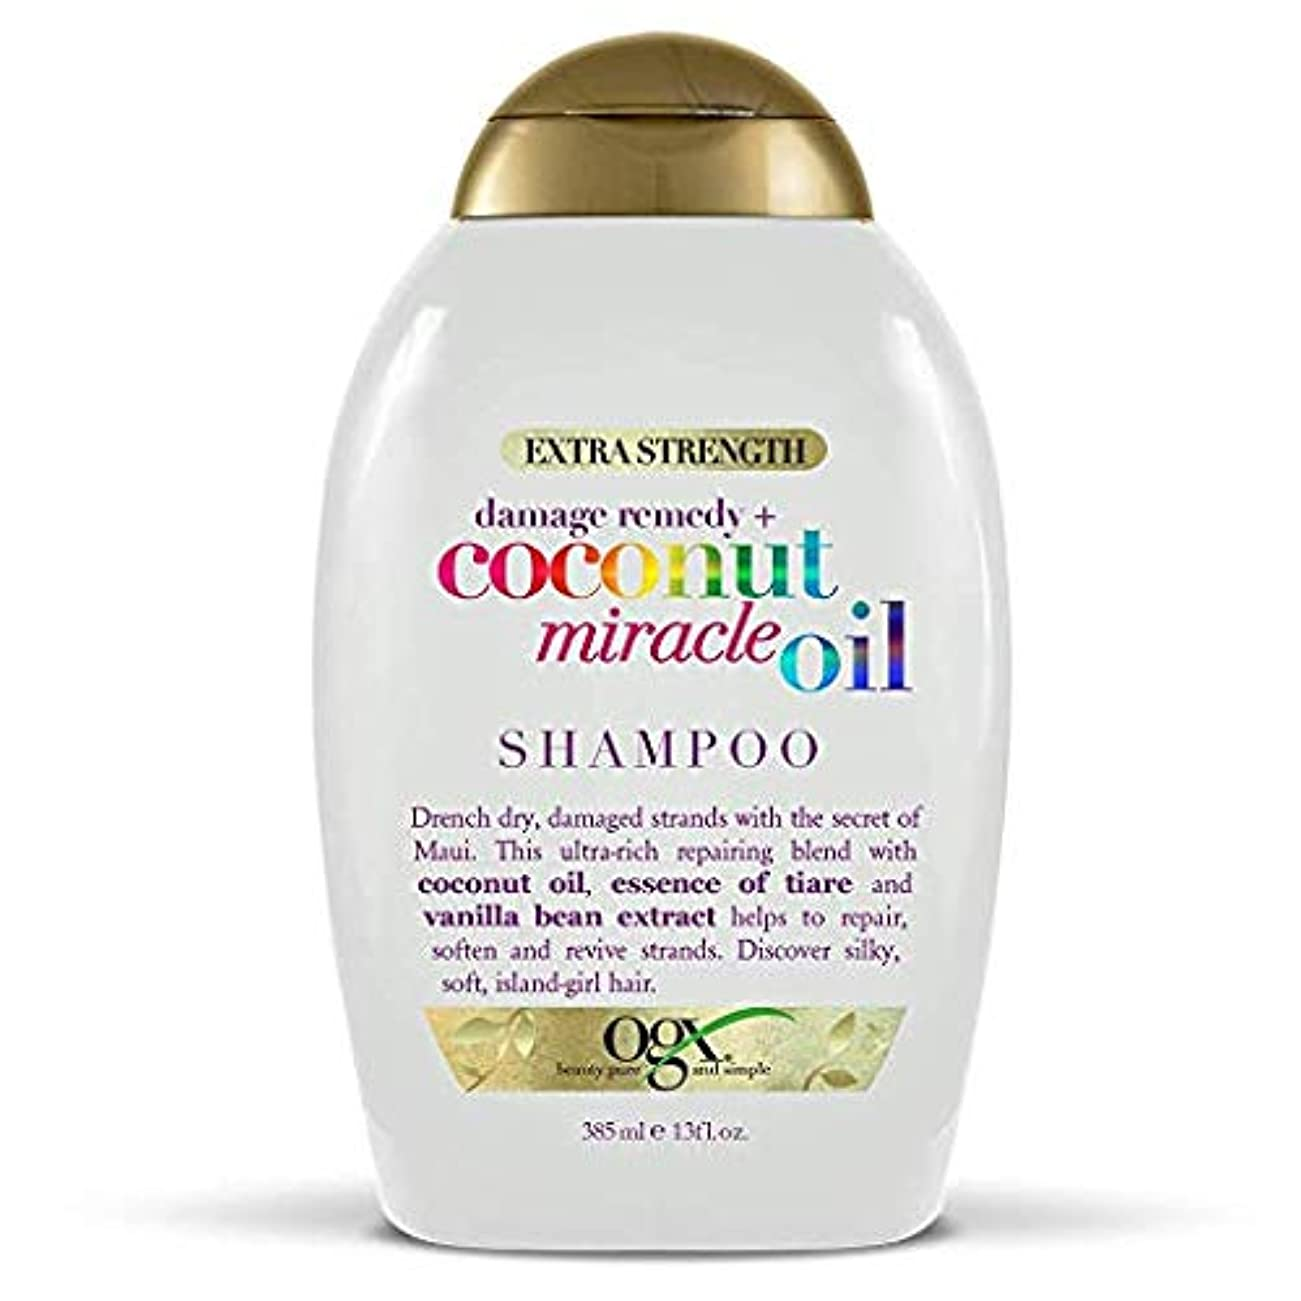 シルク既婚ナインへOgx Shampoo Coconut Miracle Oil Extra Strength 13oz OGX ココナッツミラクルオイル エクストラストレングス シャンプー 385ml [並行輸入品]